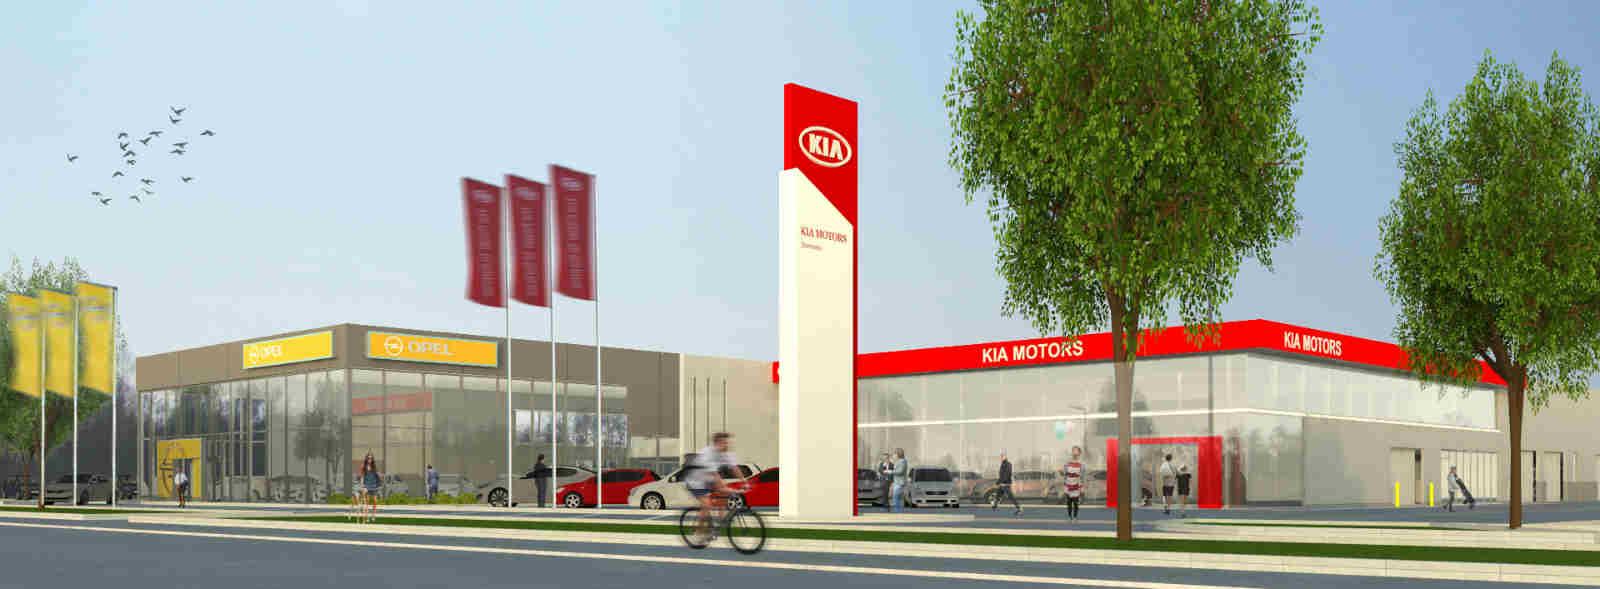 Opel Kia Grensland Autogroep - PSR Bedrijvenpark Gent Noord-optimized